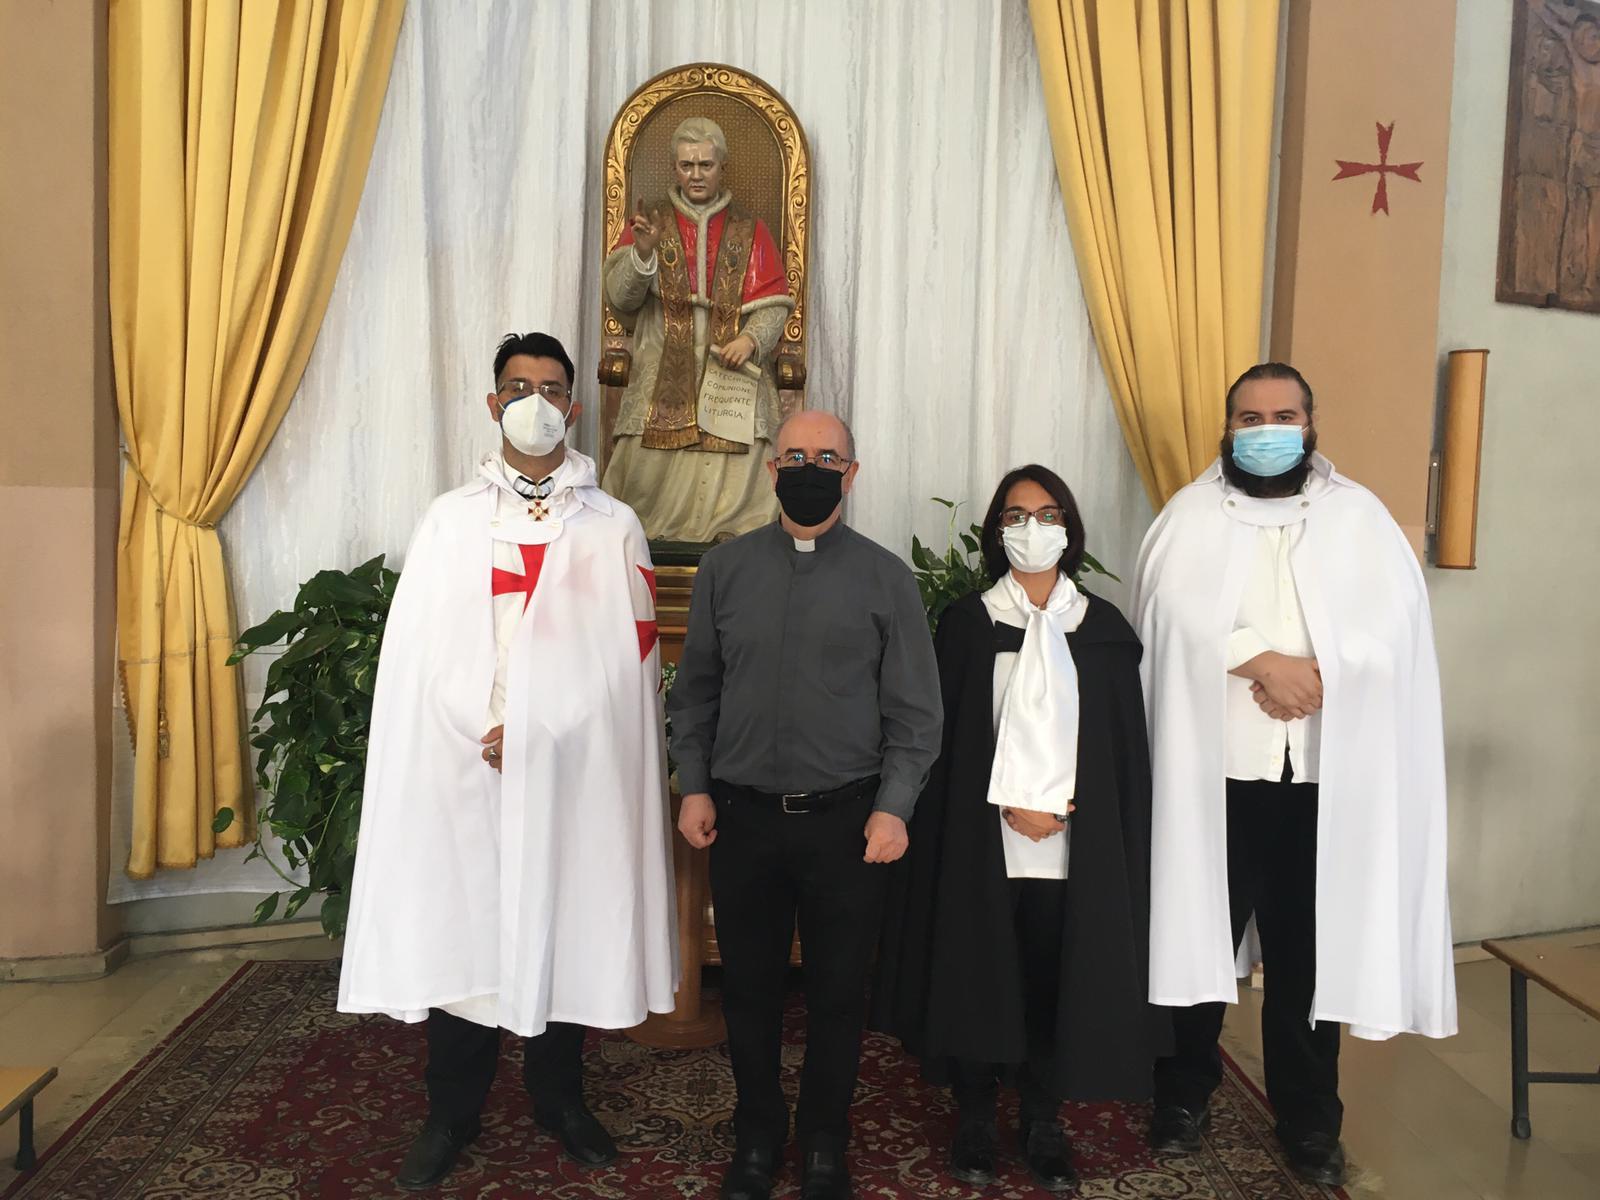 Santa Messa e turno di custodia della Chiesa di San Pio X a Cagliari (Ottobre 2021)